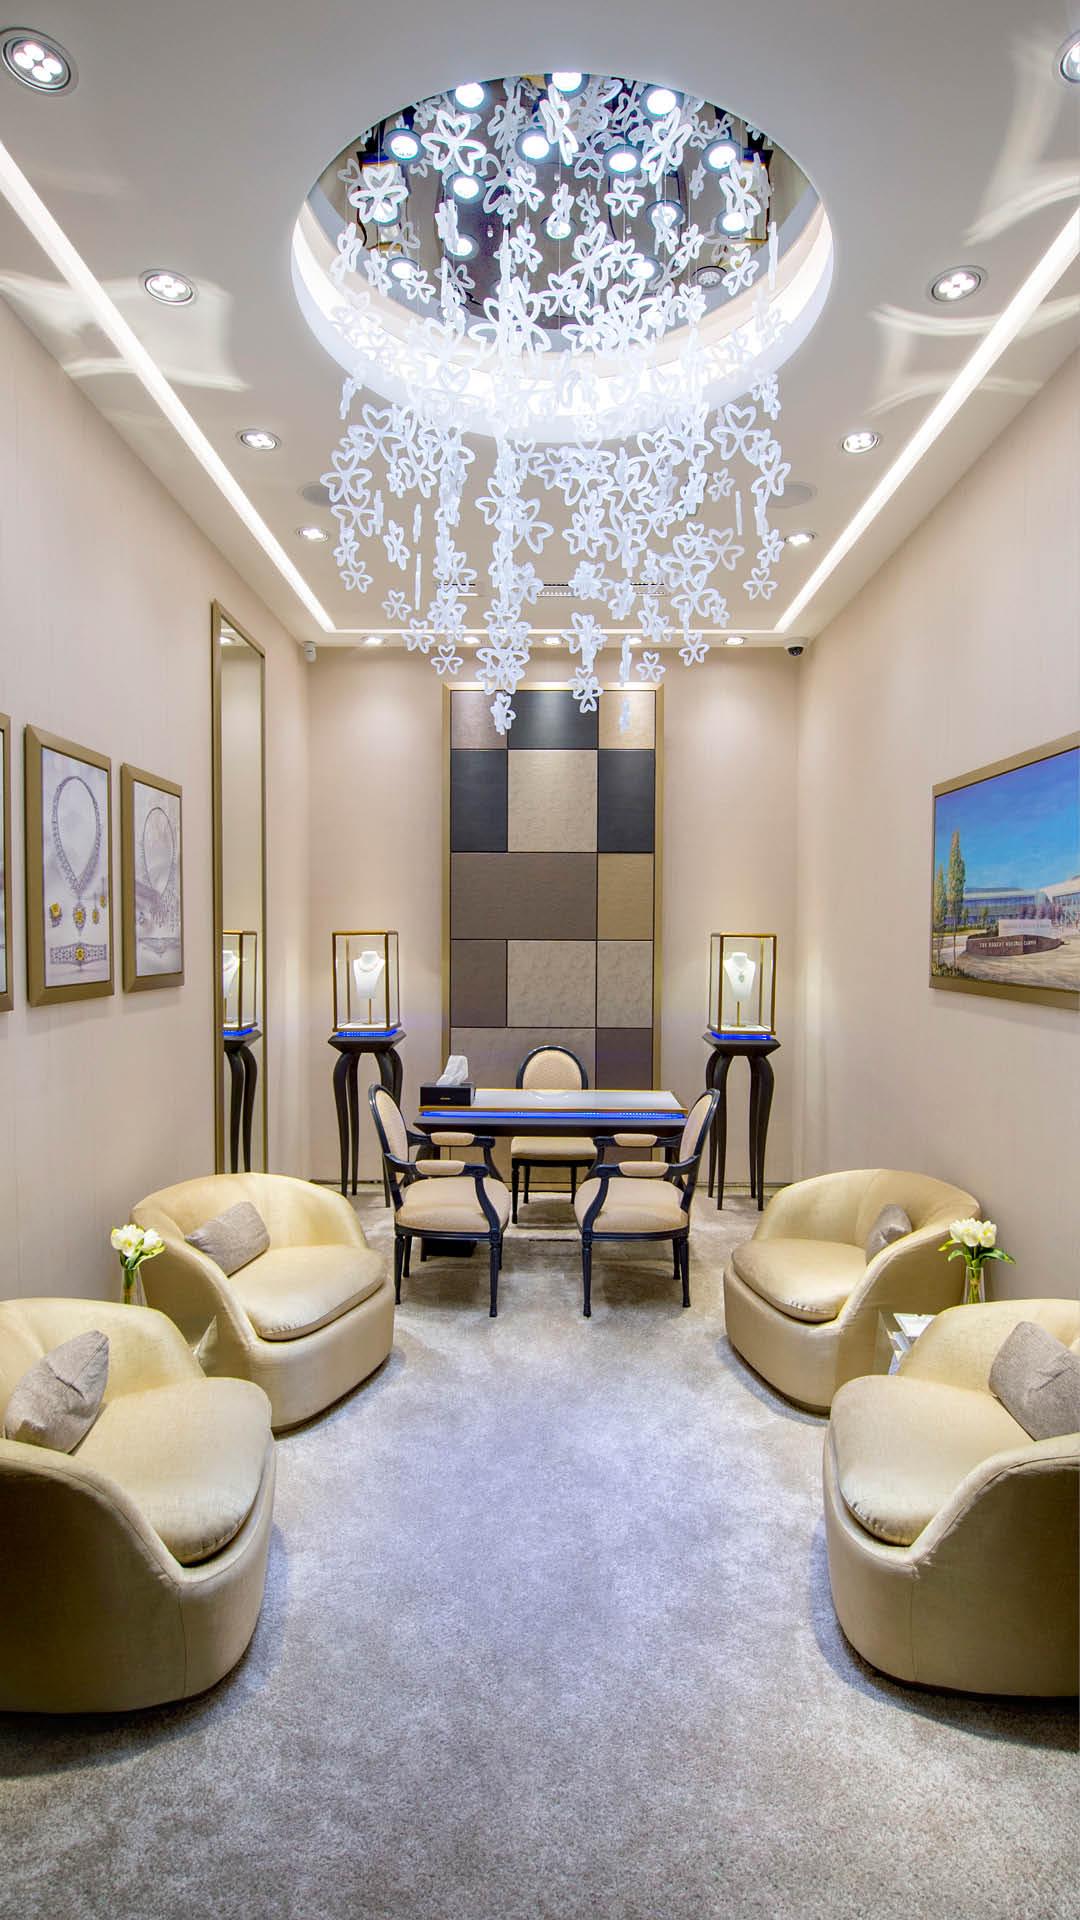 Mouawad Jewelry in the Dubai Mall